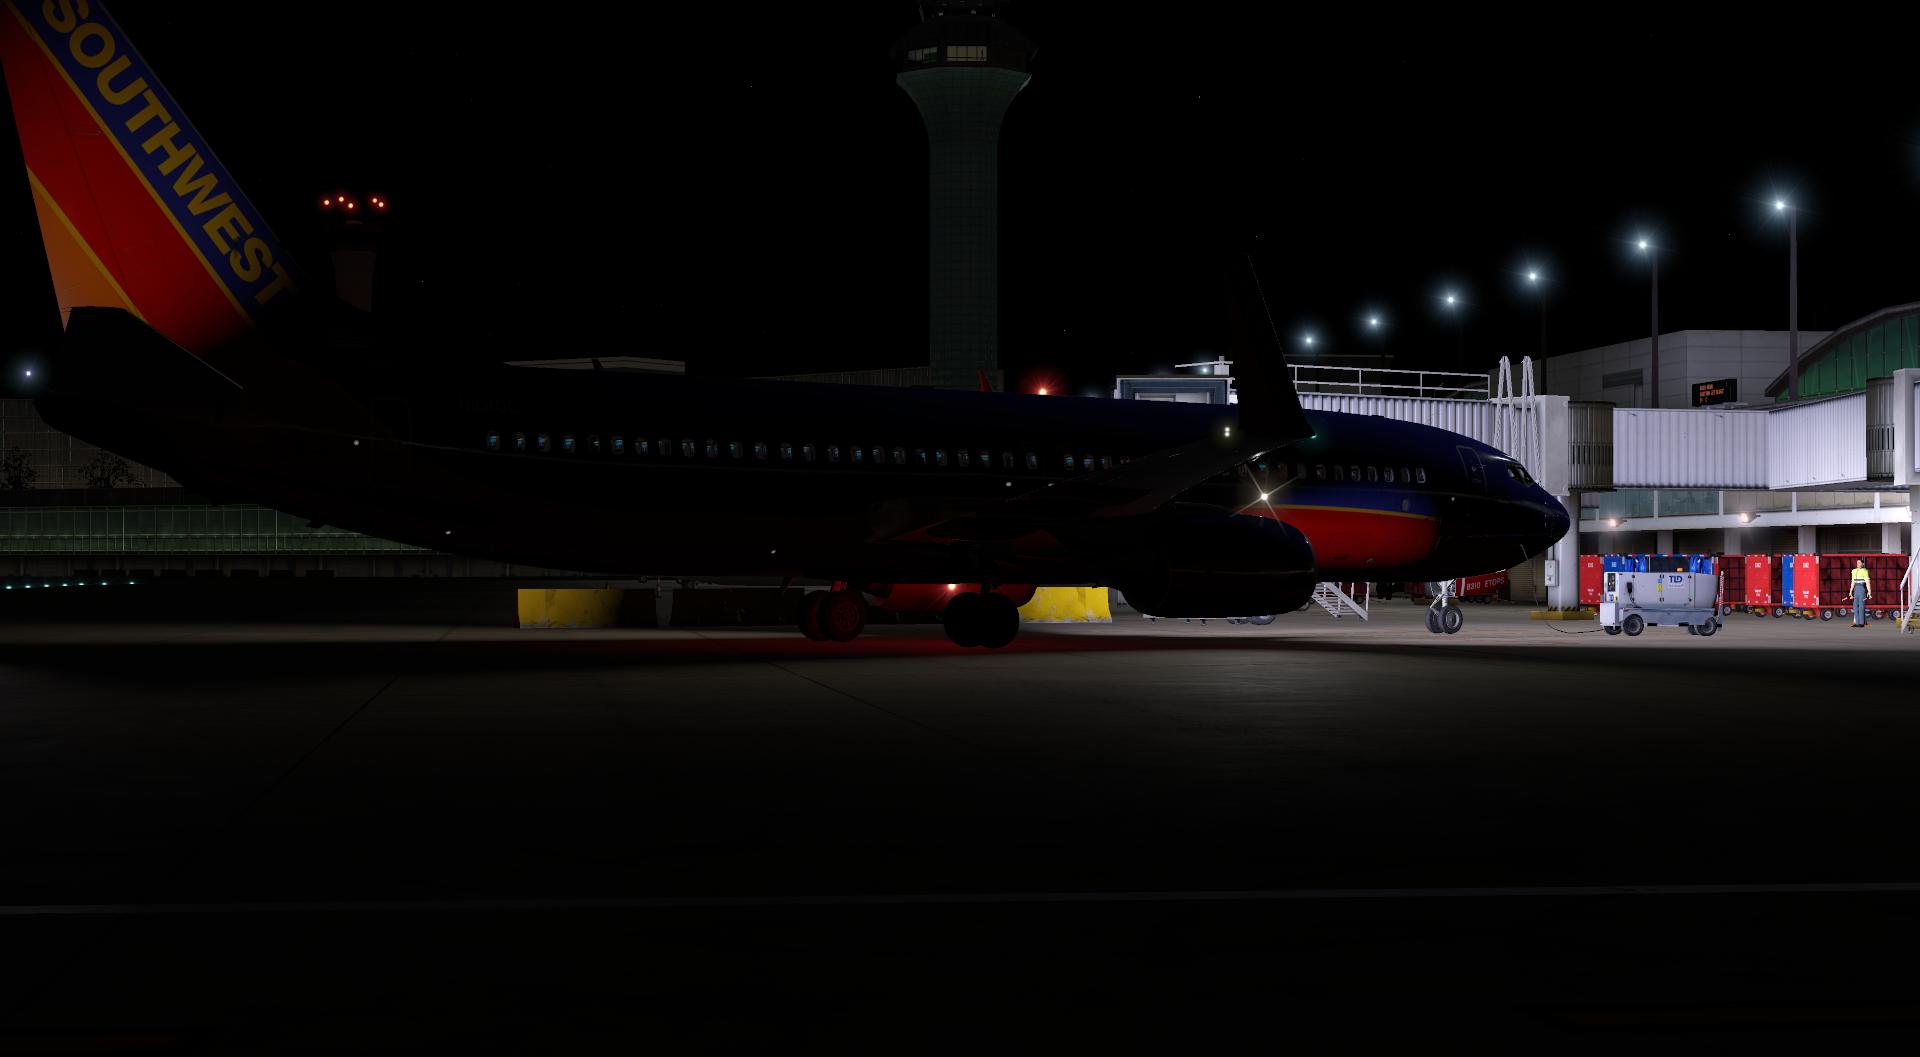 Luces del avión